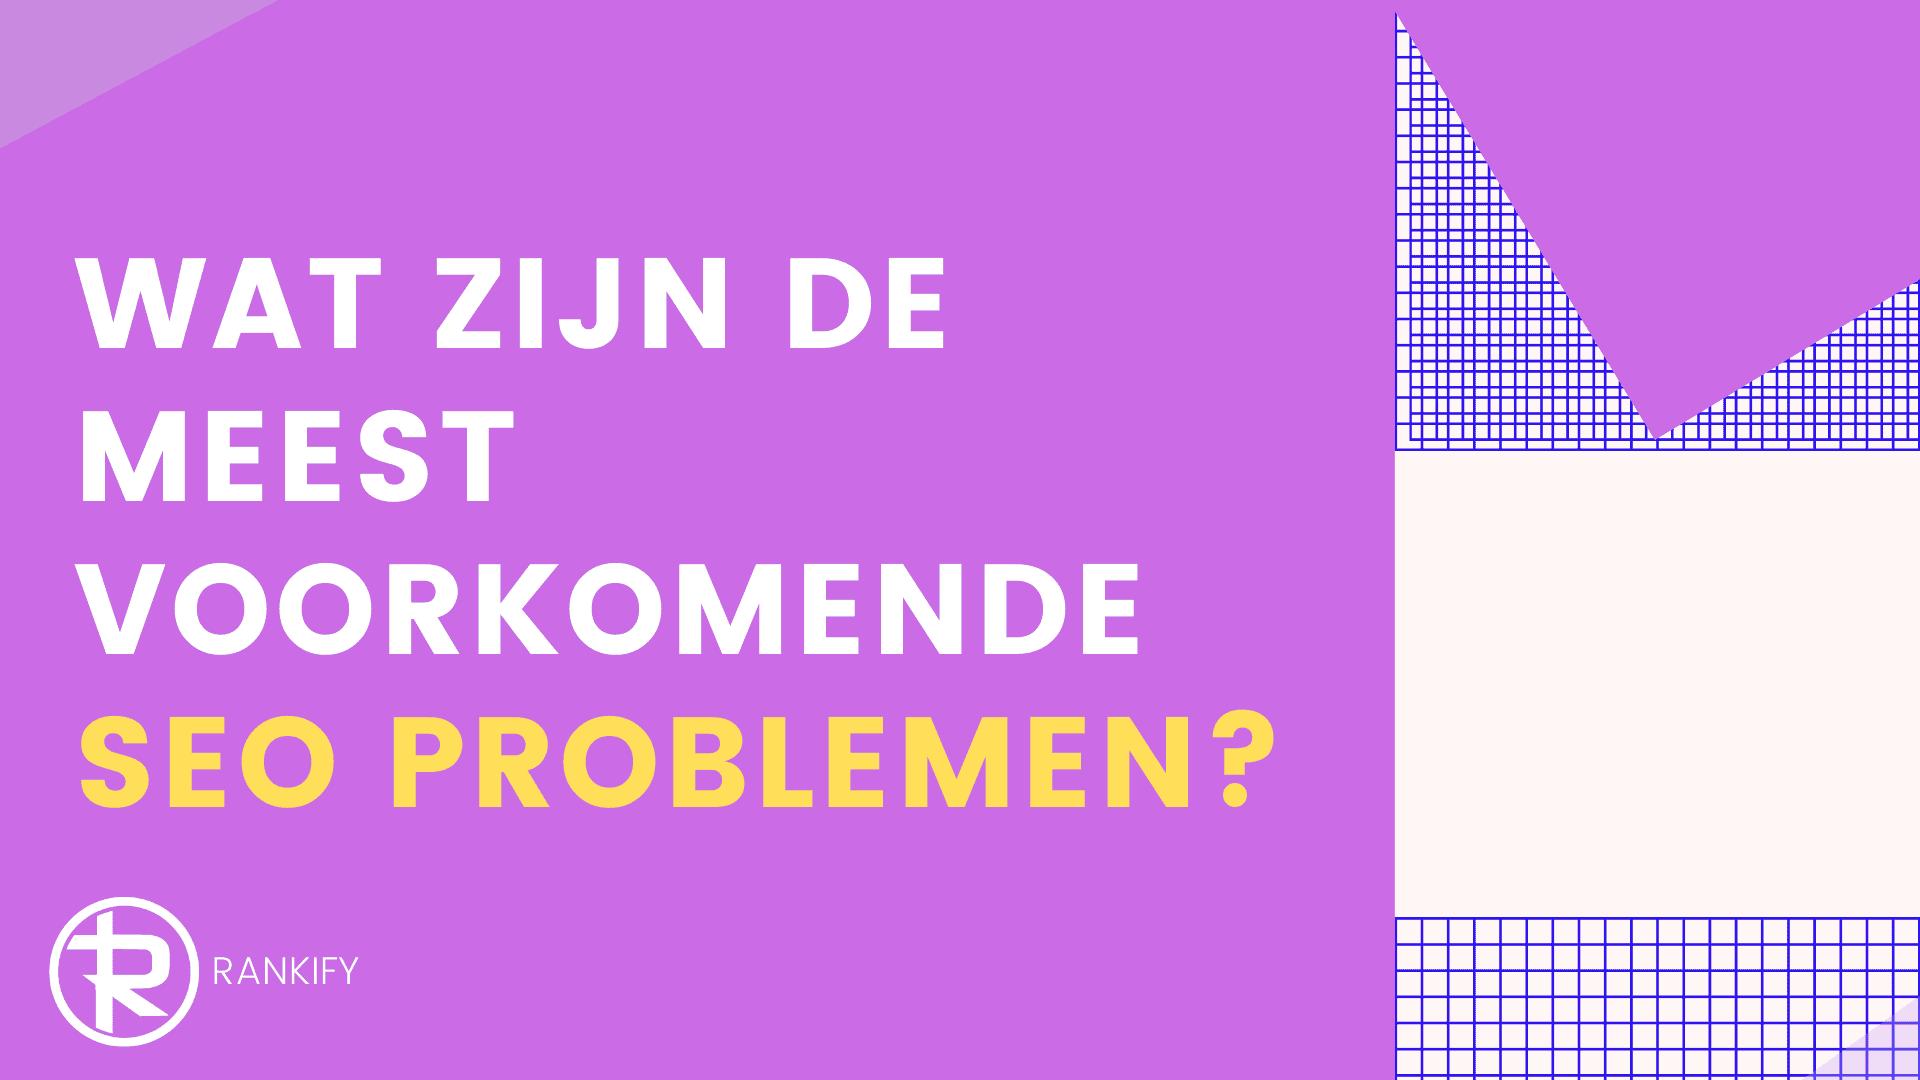 wat zijn de meest voorkomende SEO problemen?